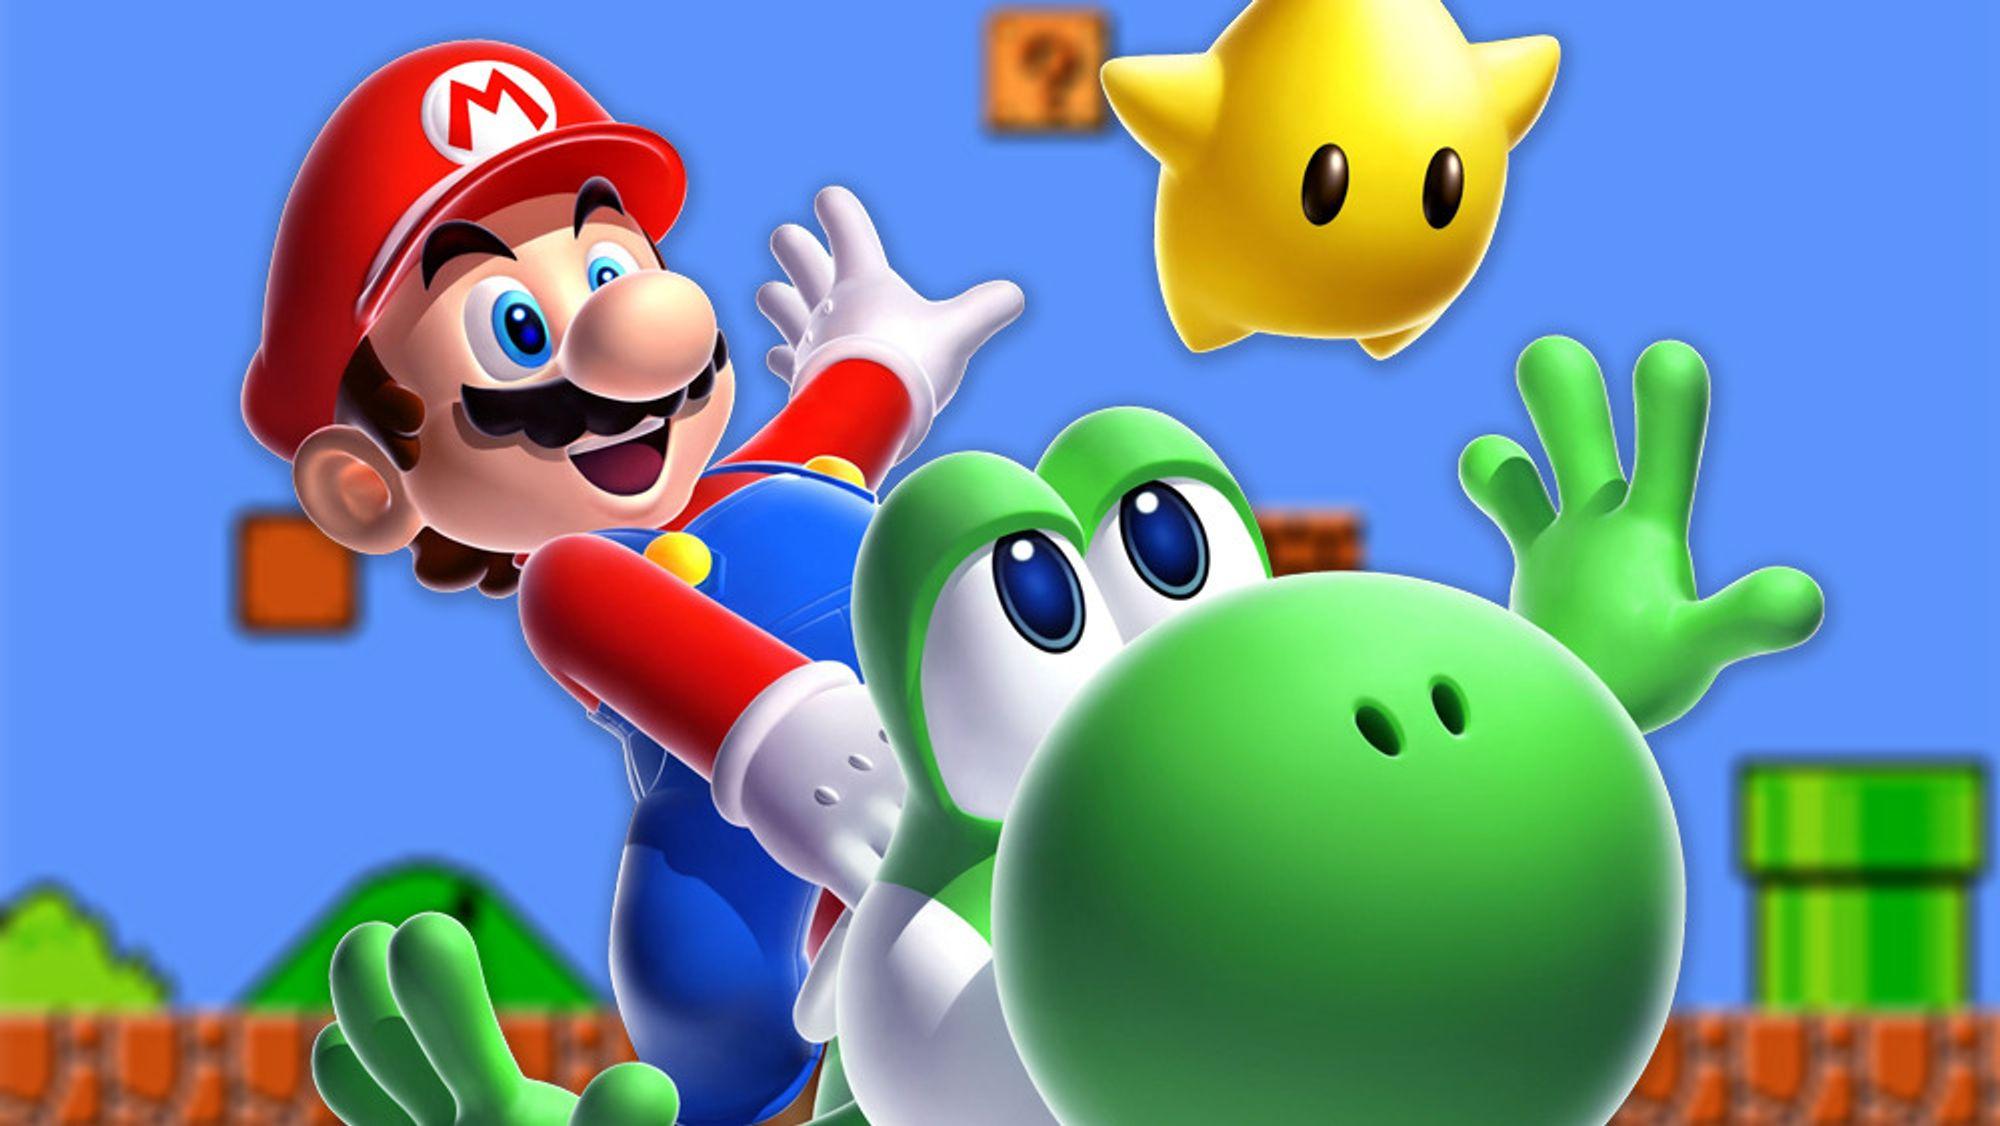 FEATURE: Slik var Mario med på å definere spillmediet